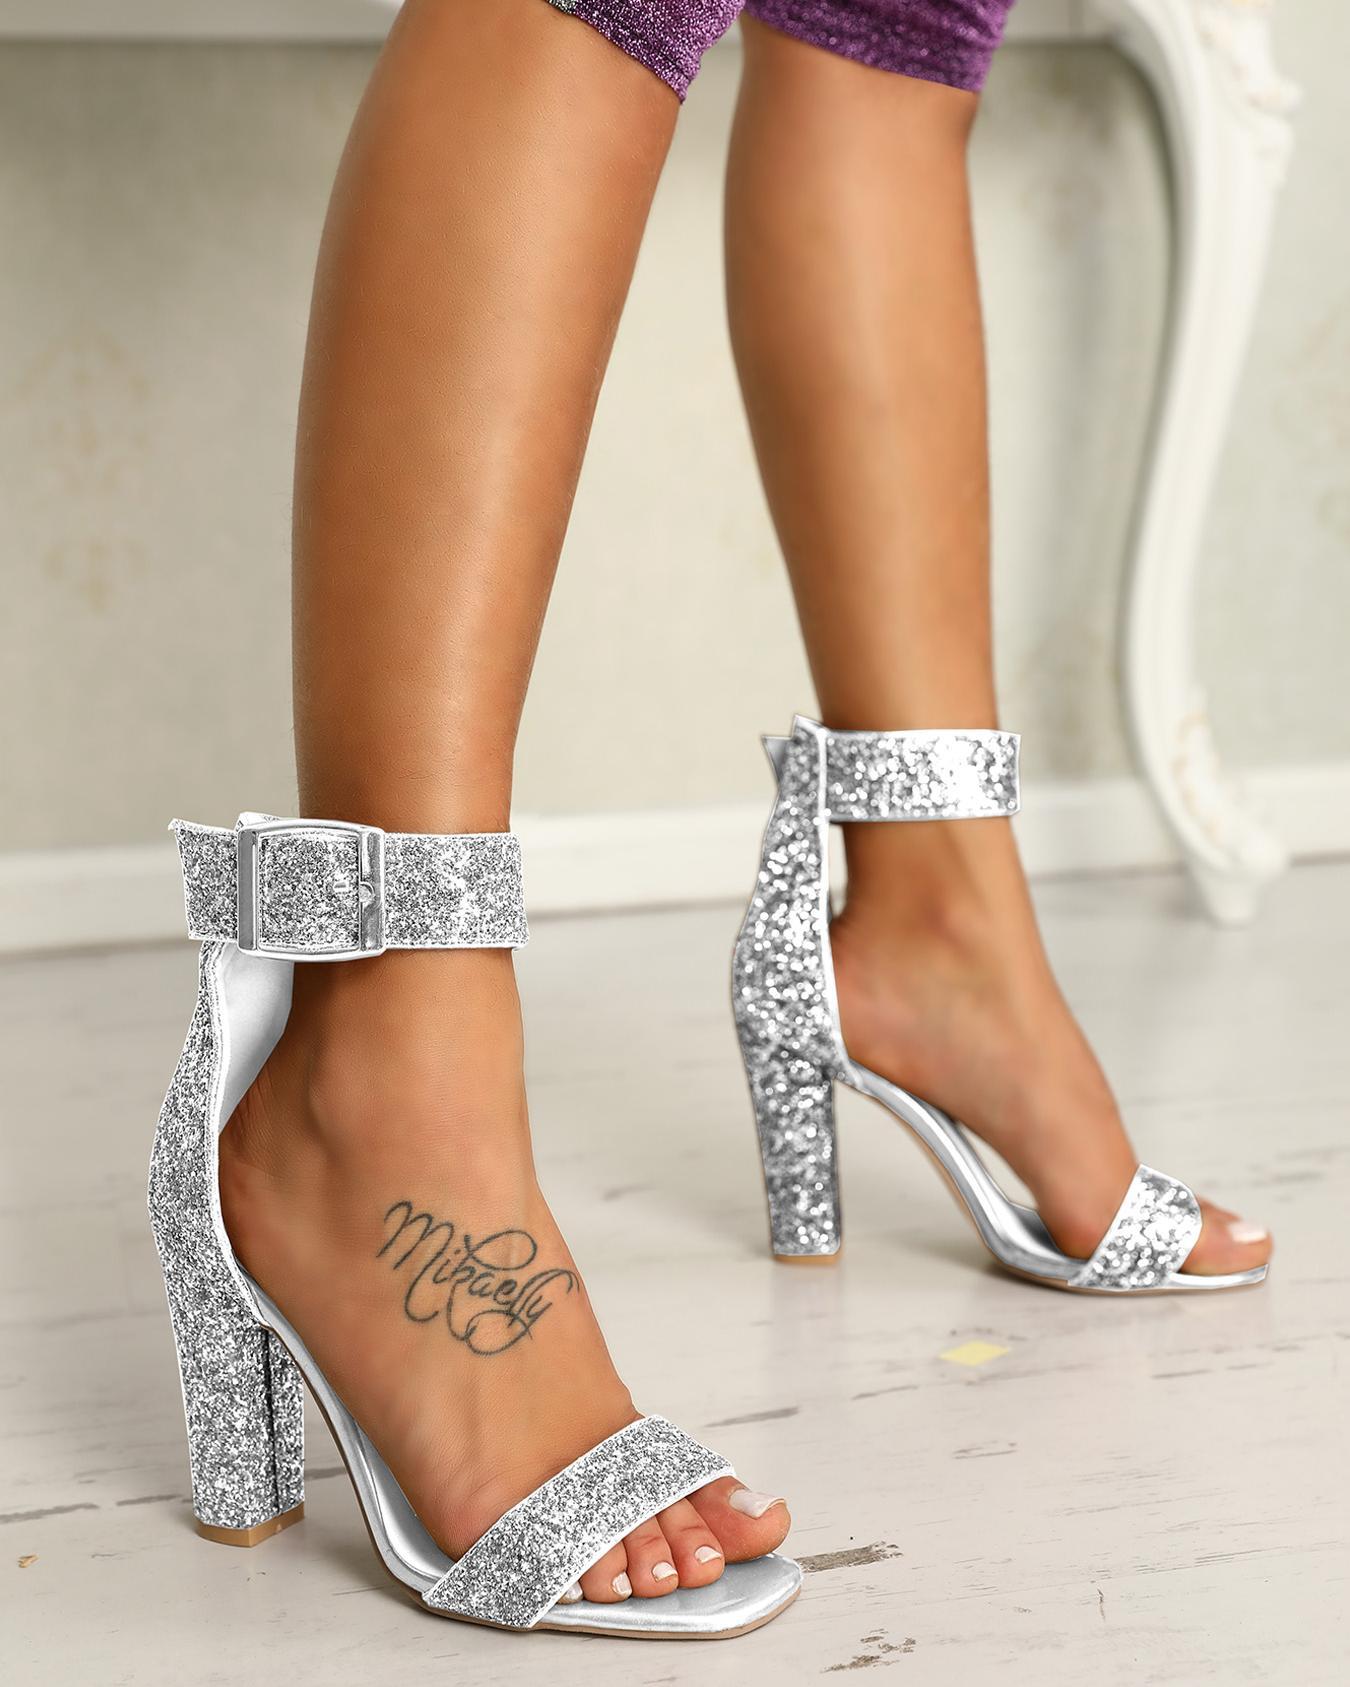 ivrose / Elegante lentejuelas abierto dedo del pie chunky sandalias de tacón